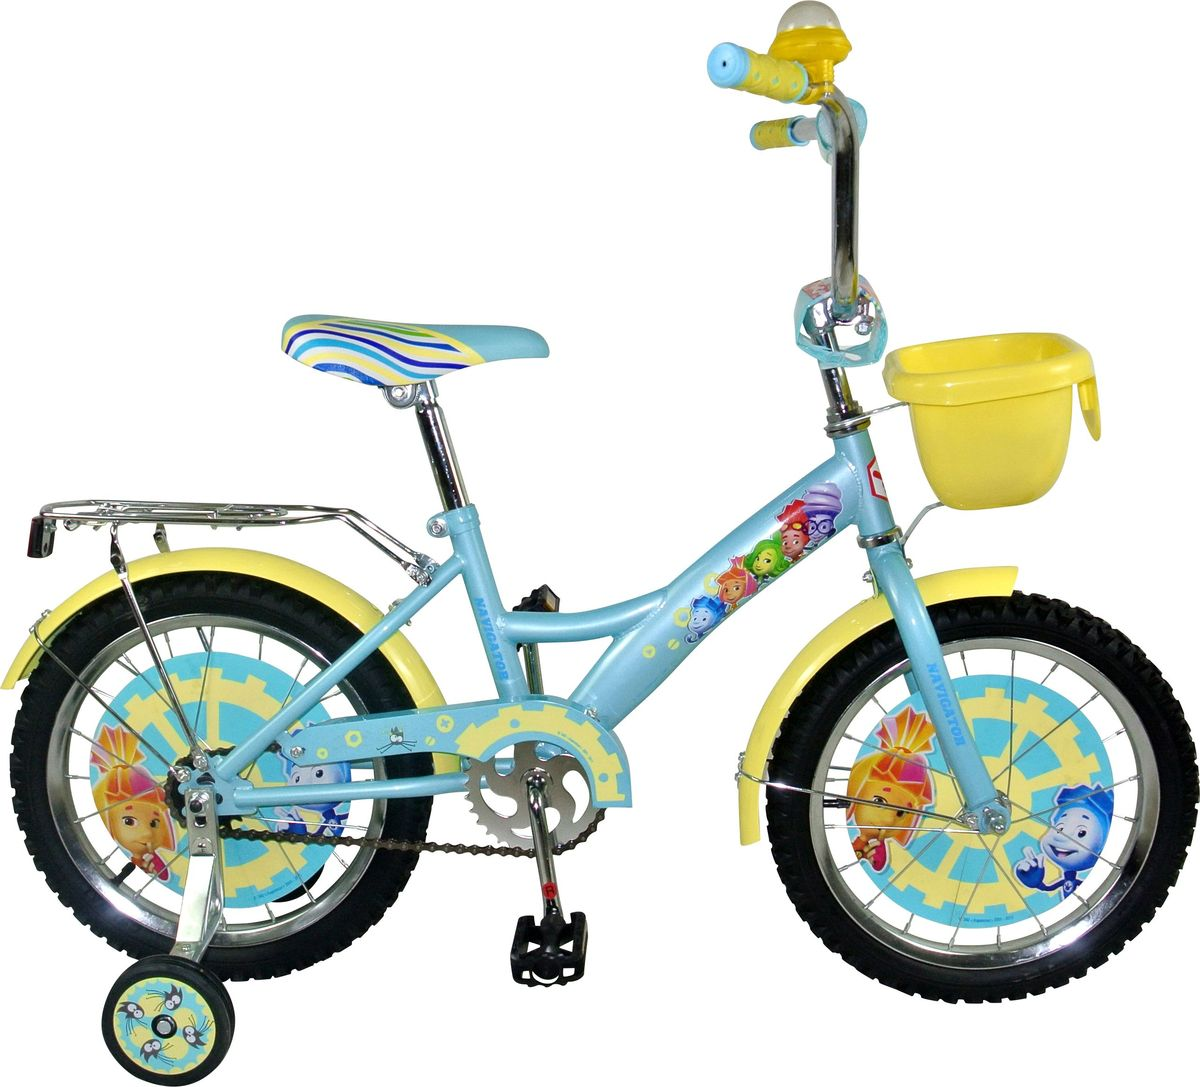 Велосипед детский Navigator Фиксики, цвет: голубой, 18. ВН18077КВН18077КДетский велосипед с ярким дизайном и популярной лицензией Фиксики.